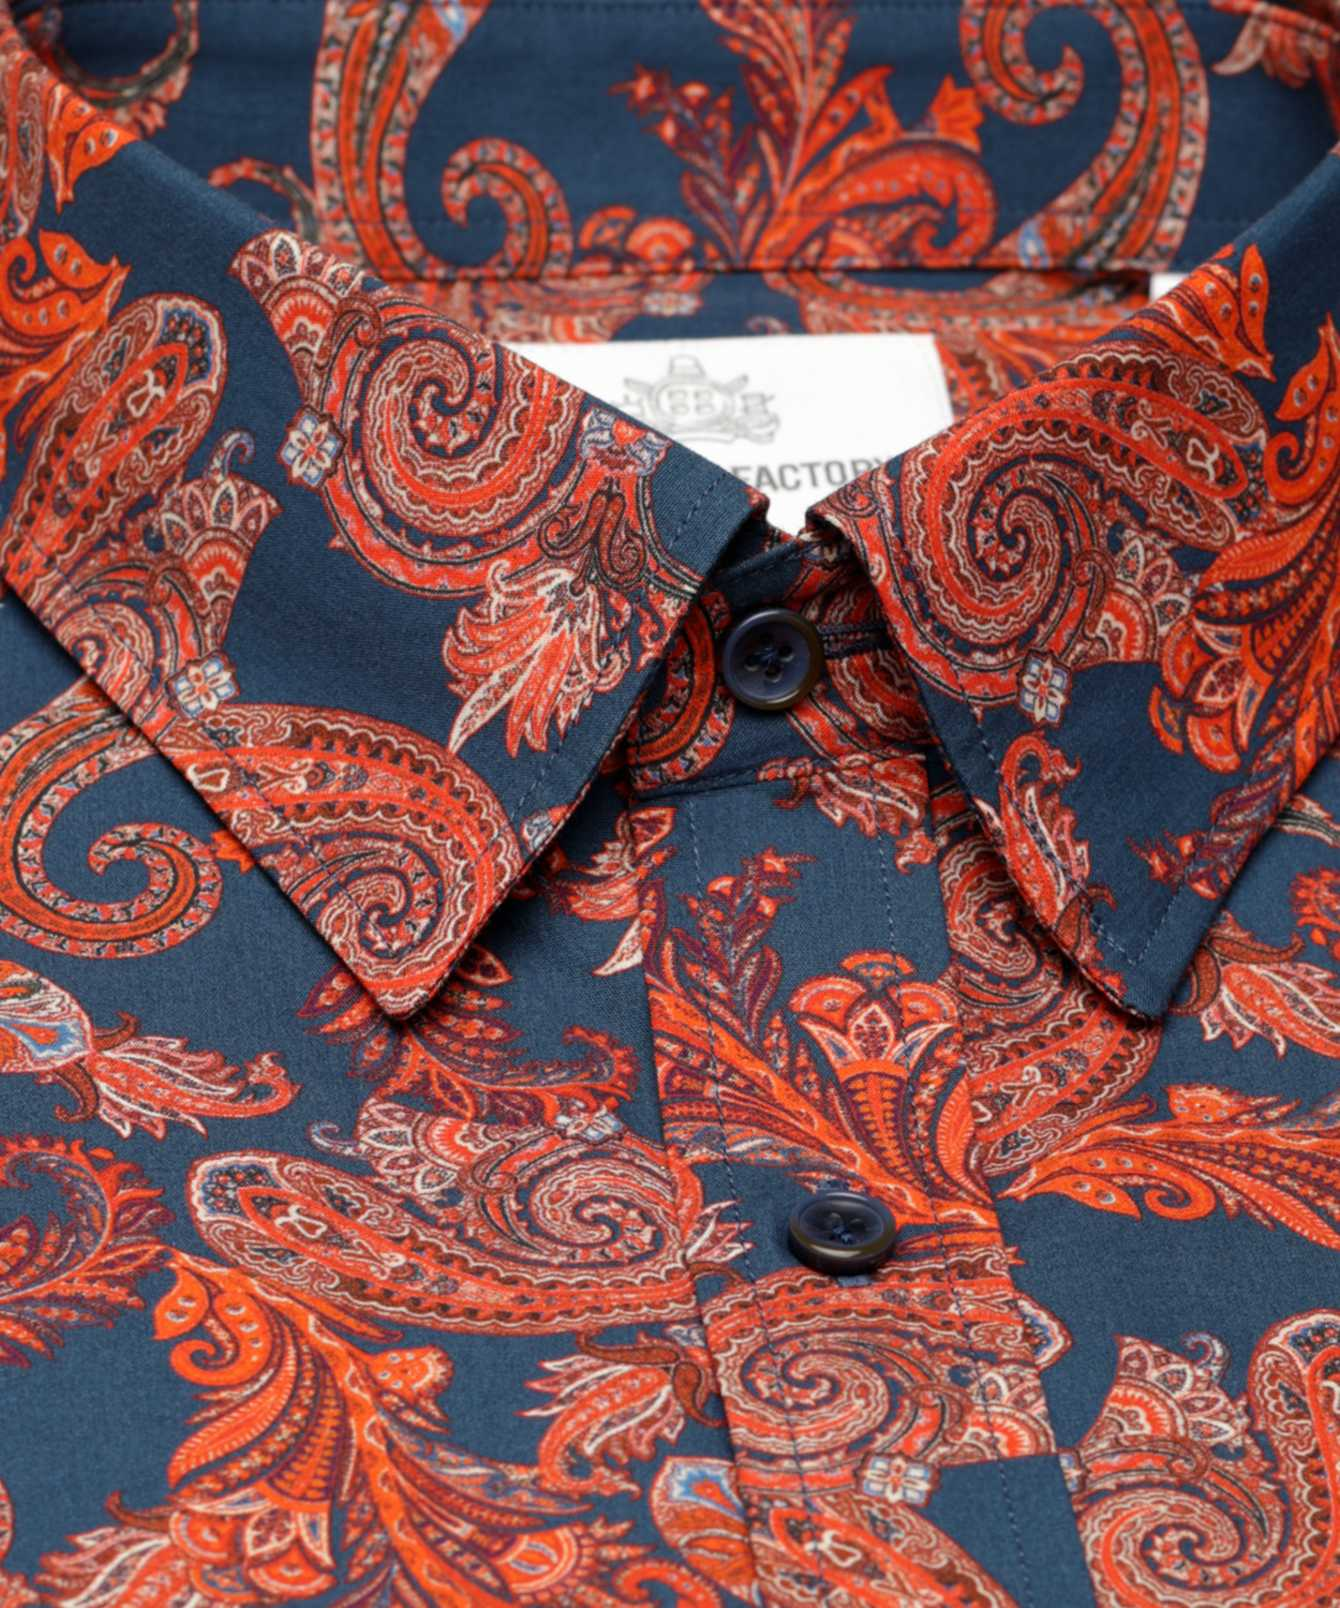 Skjorta Mahogny Paisley The Shirt Factory